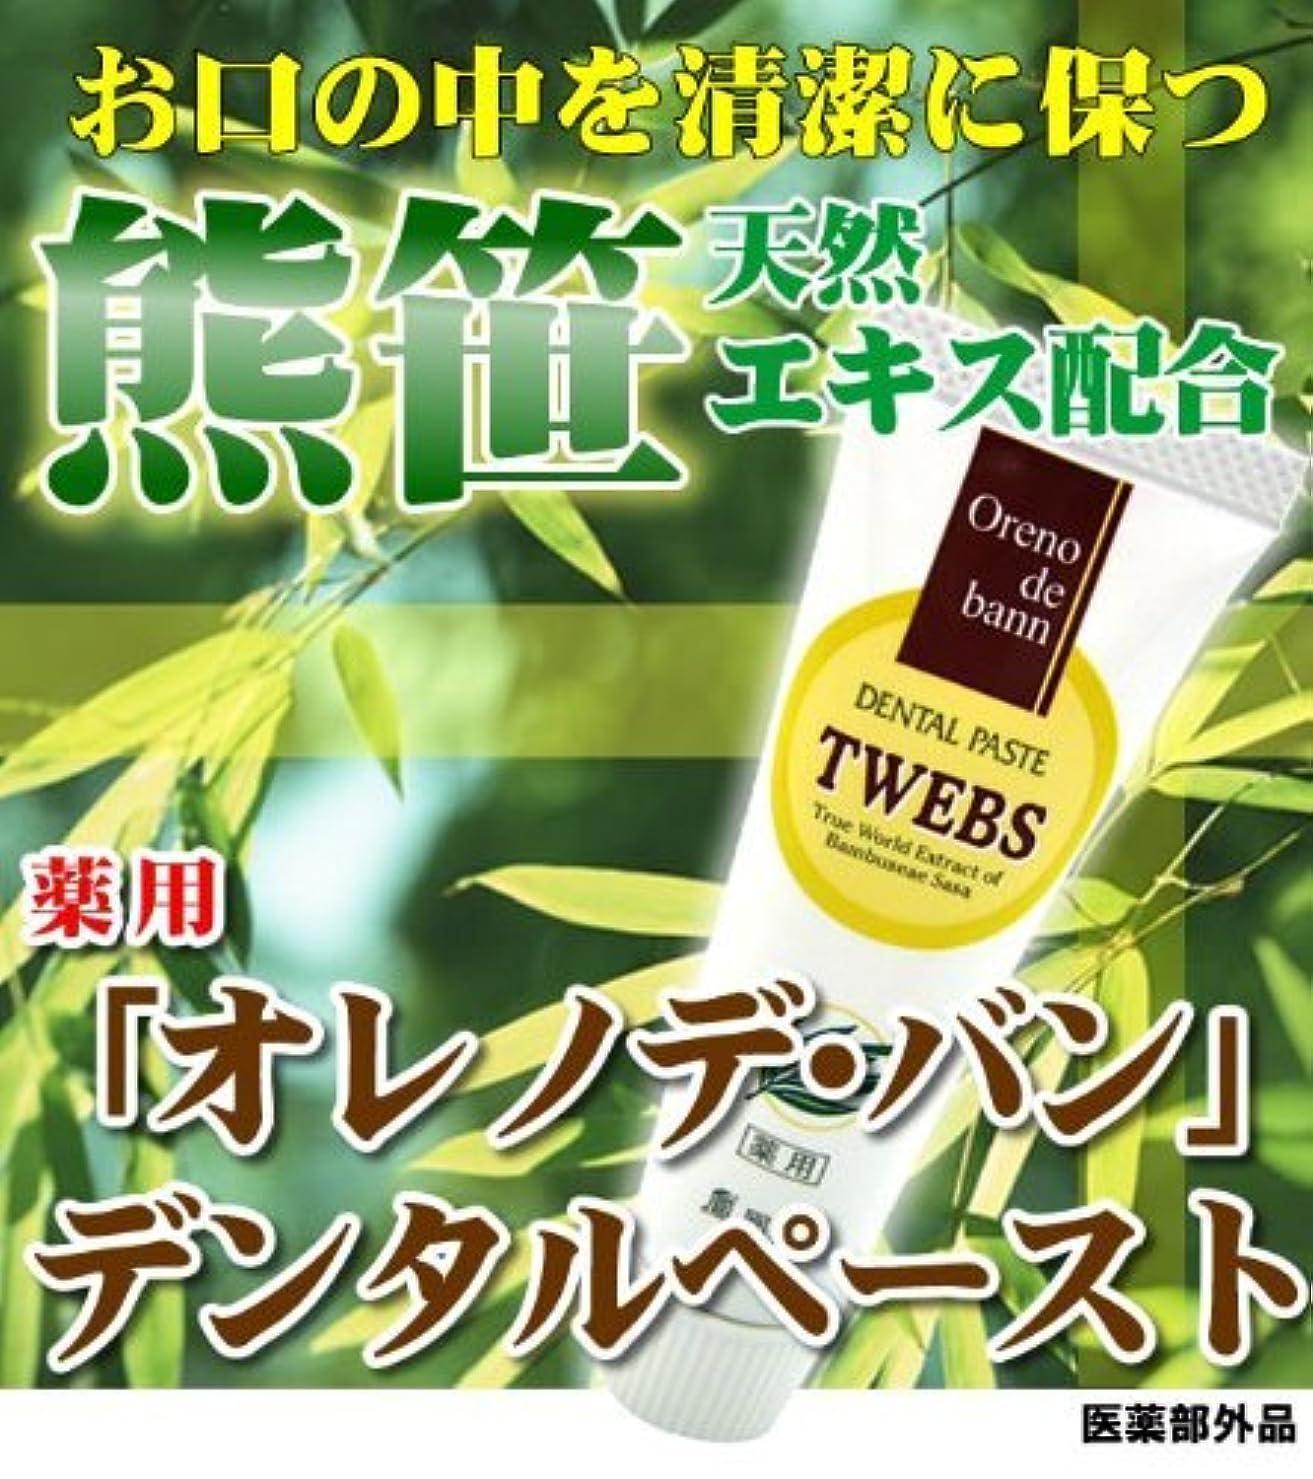 真実にかんがい非常に薬用オレノデ?バン デンタルペースト(クマザサ歯磨き粉) 40g×3個セット